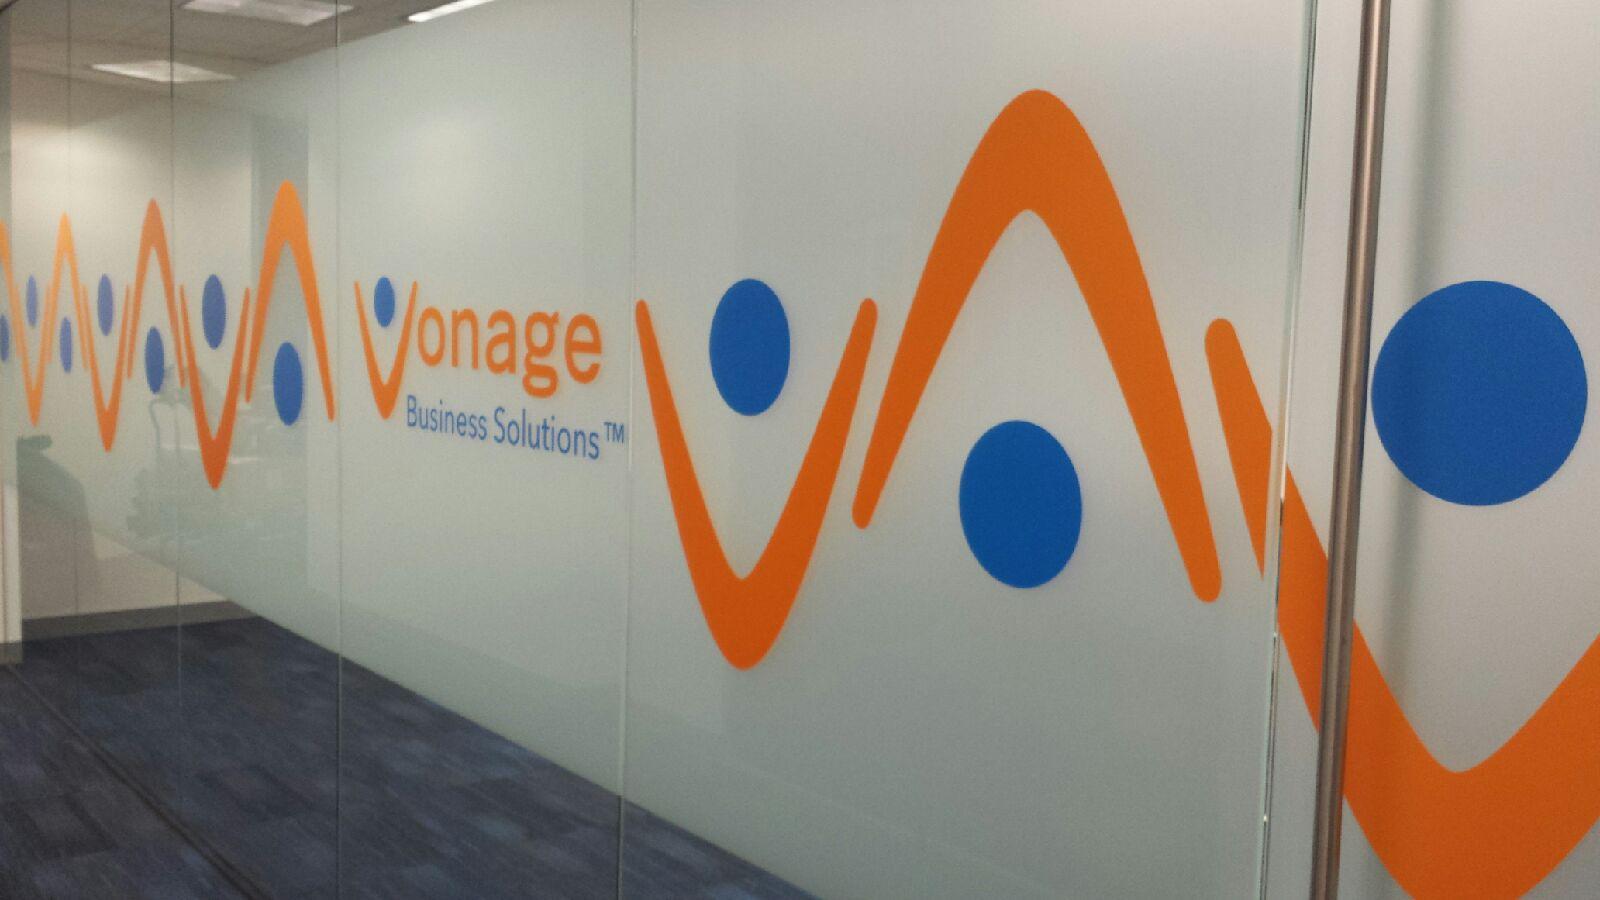 Vonage Business Solutions window film work